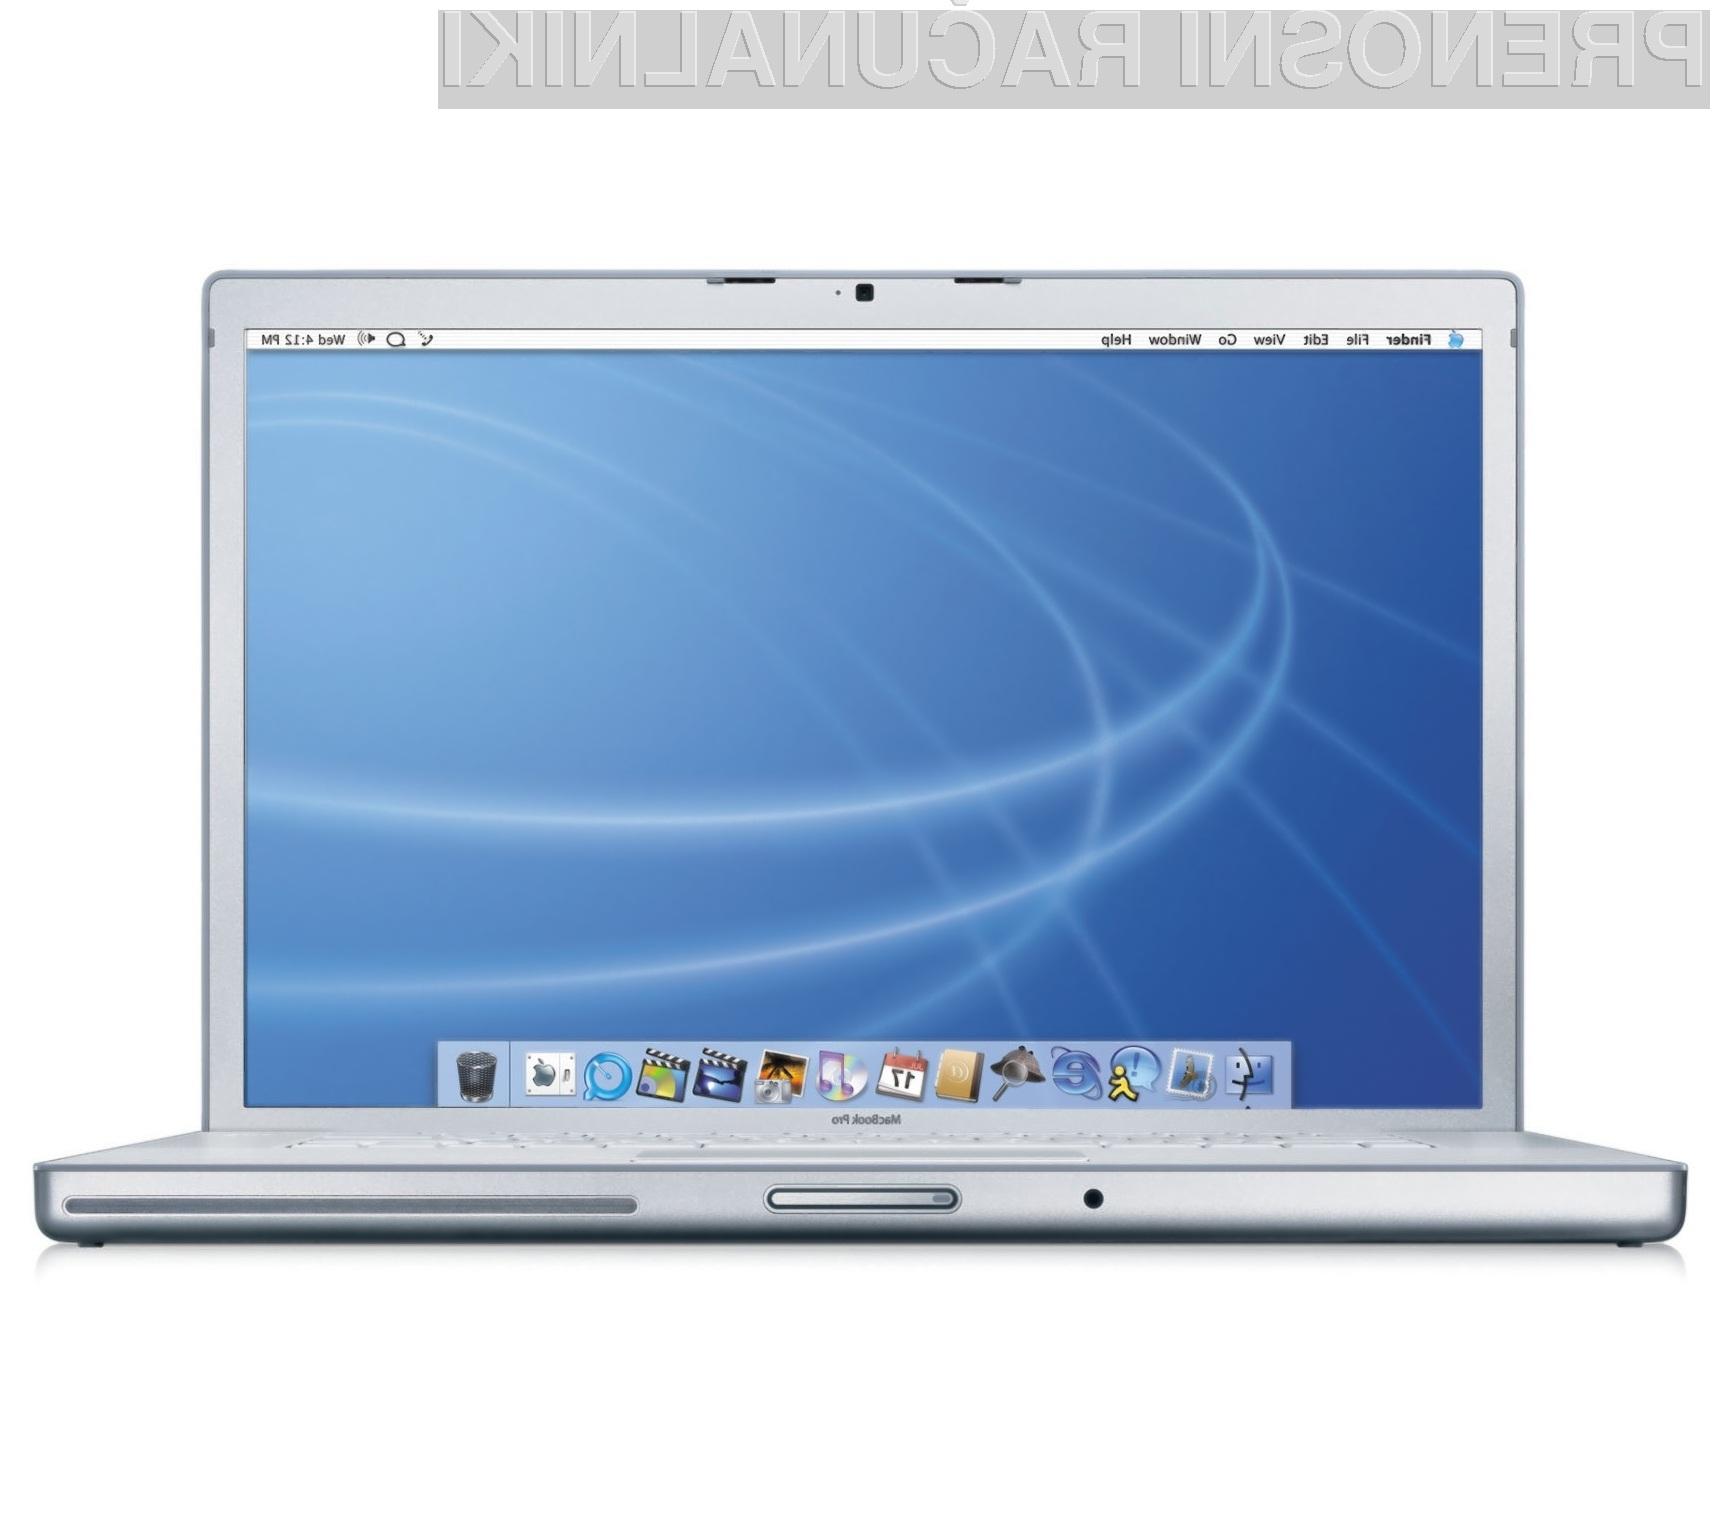 Apple MacBook Pro in Intel Light Peak: Zmagovalna kombinacija?